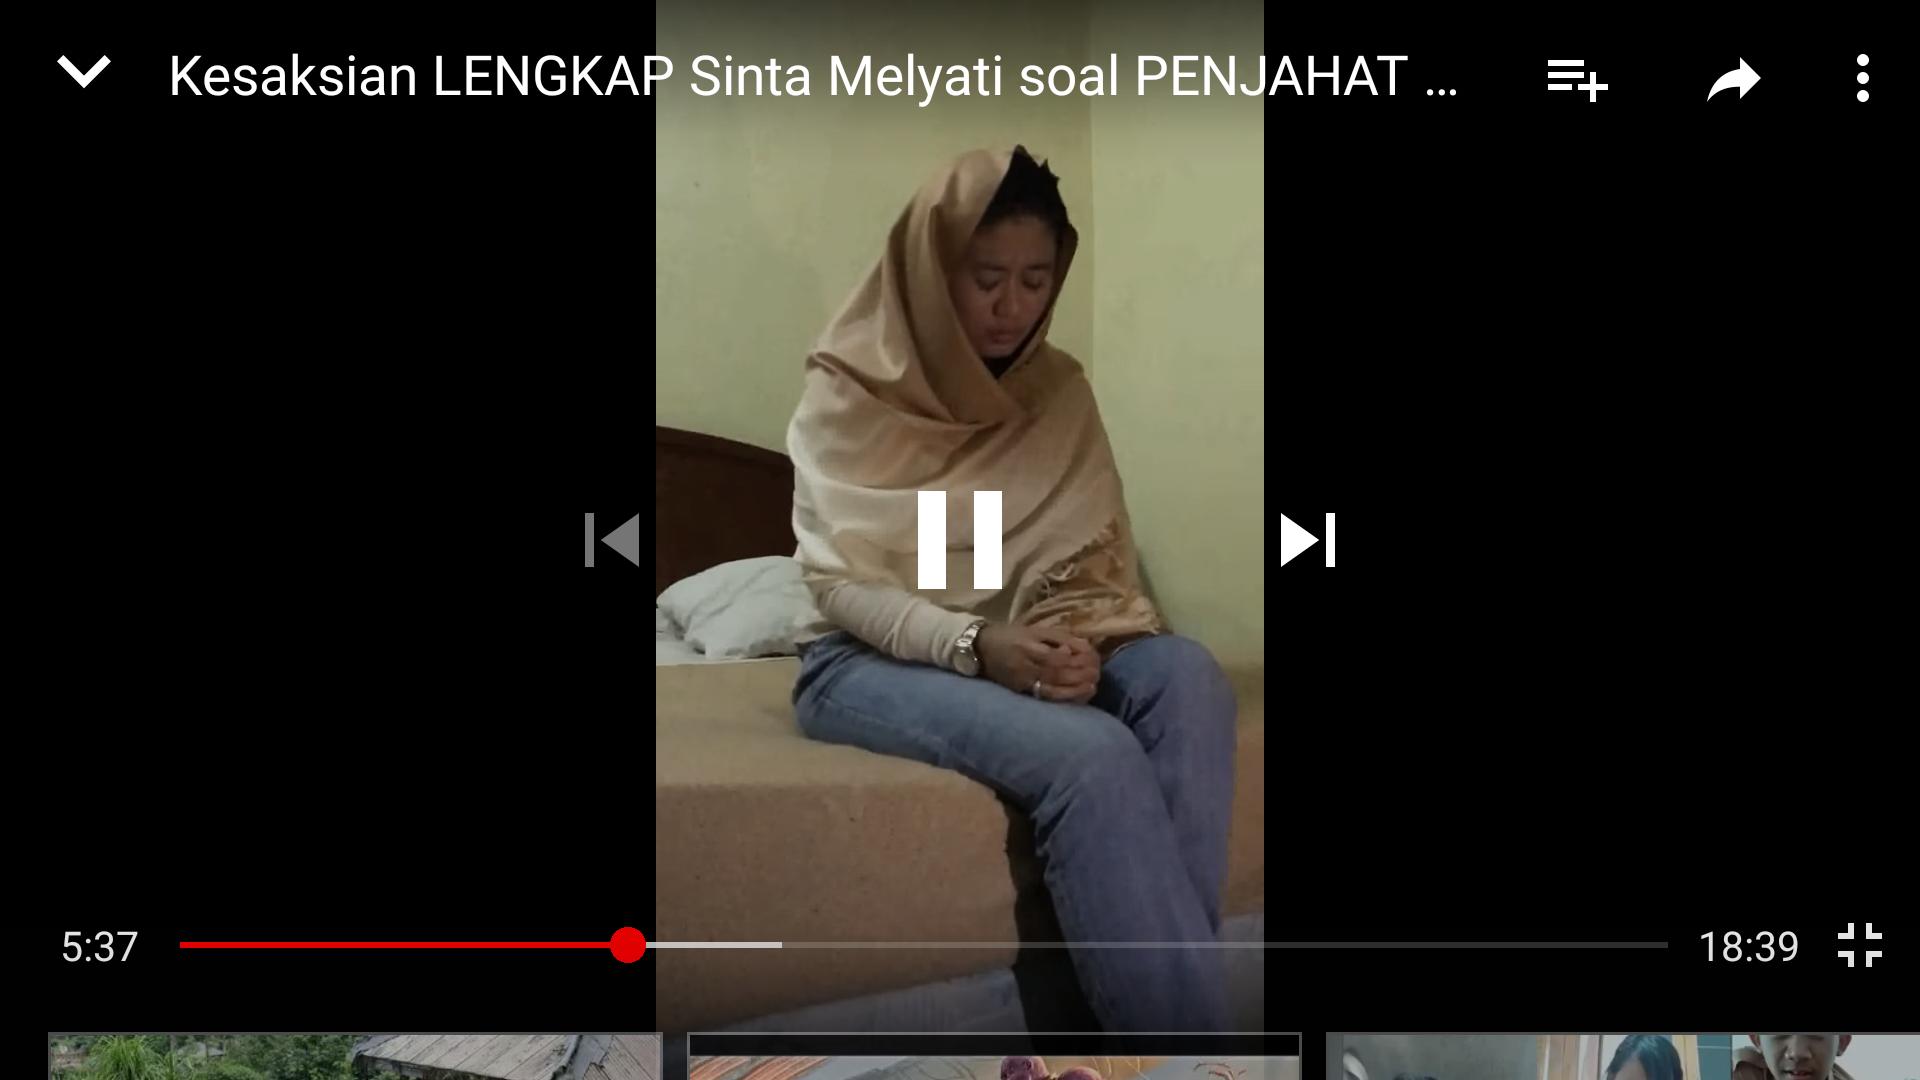 Screenshoot video pengakuan skandal seksual Sinta Melyati